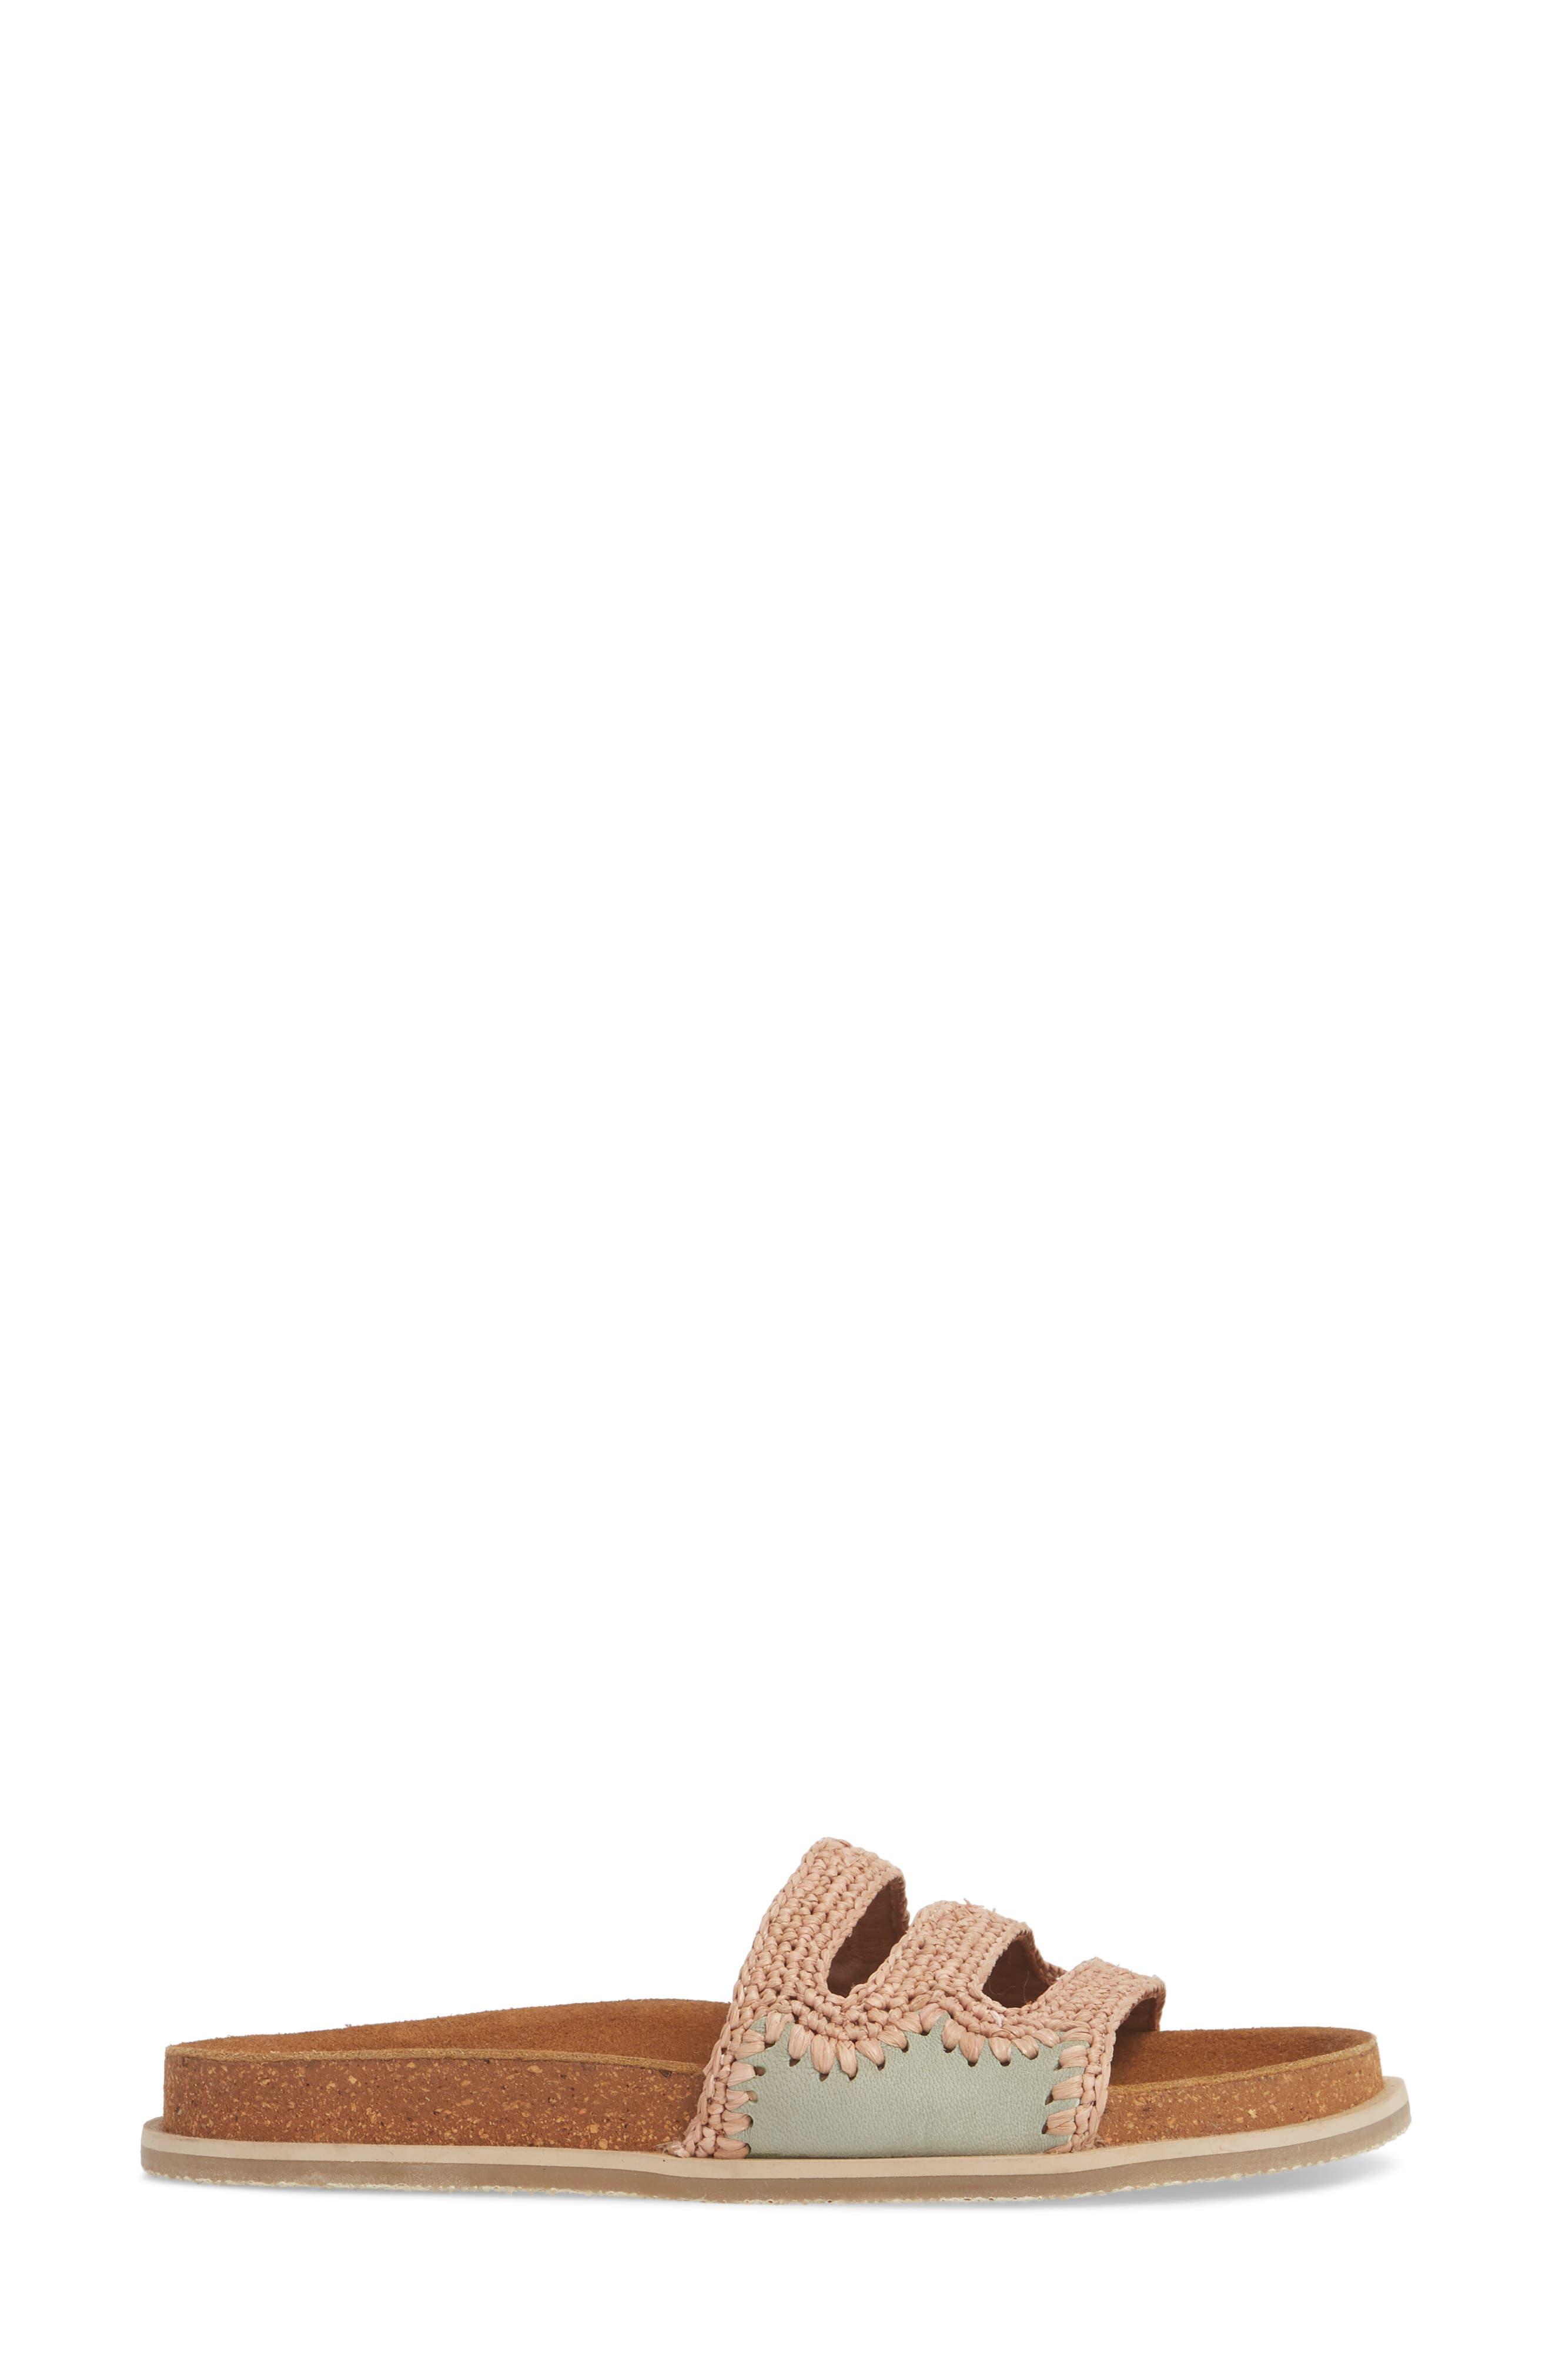 Crete Slide Sandal,                             Alternate thumbnail 6, color,